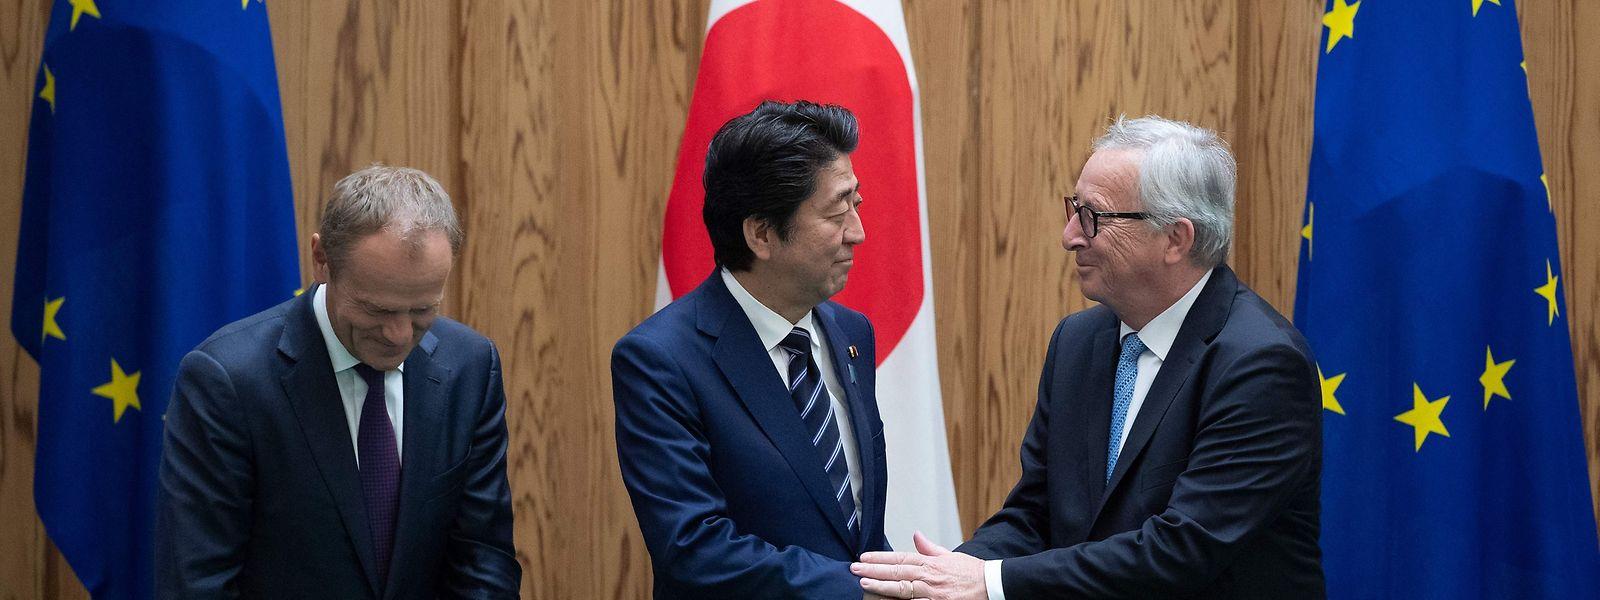 EU-Japan-Gipfel: Am 17. Juli 2018 hatten der Kommissionschef Jean-Claude Juncker (rechts), Ratspräsident Donald Tusk (links) und der japanische Premierminster Shinzo Abe das Wirtschaftspartnerschaftsabkommen unterzeichnet.